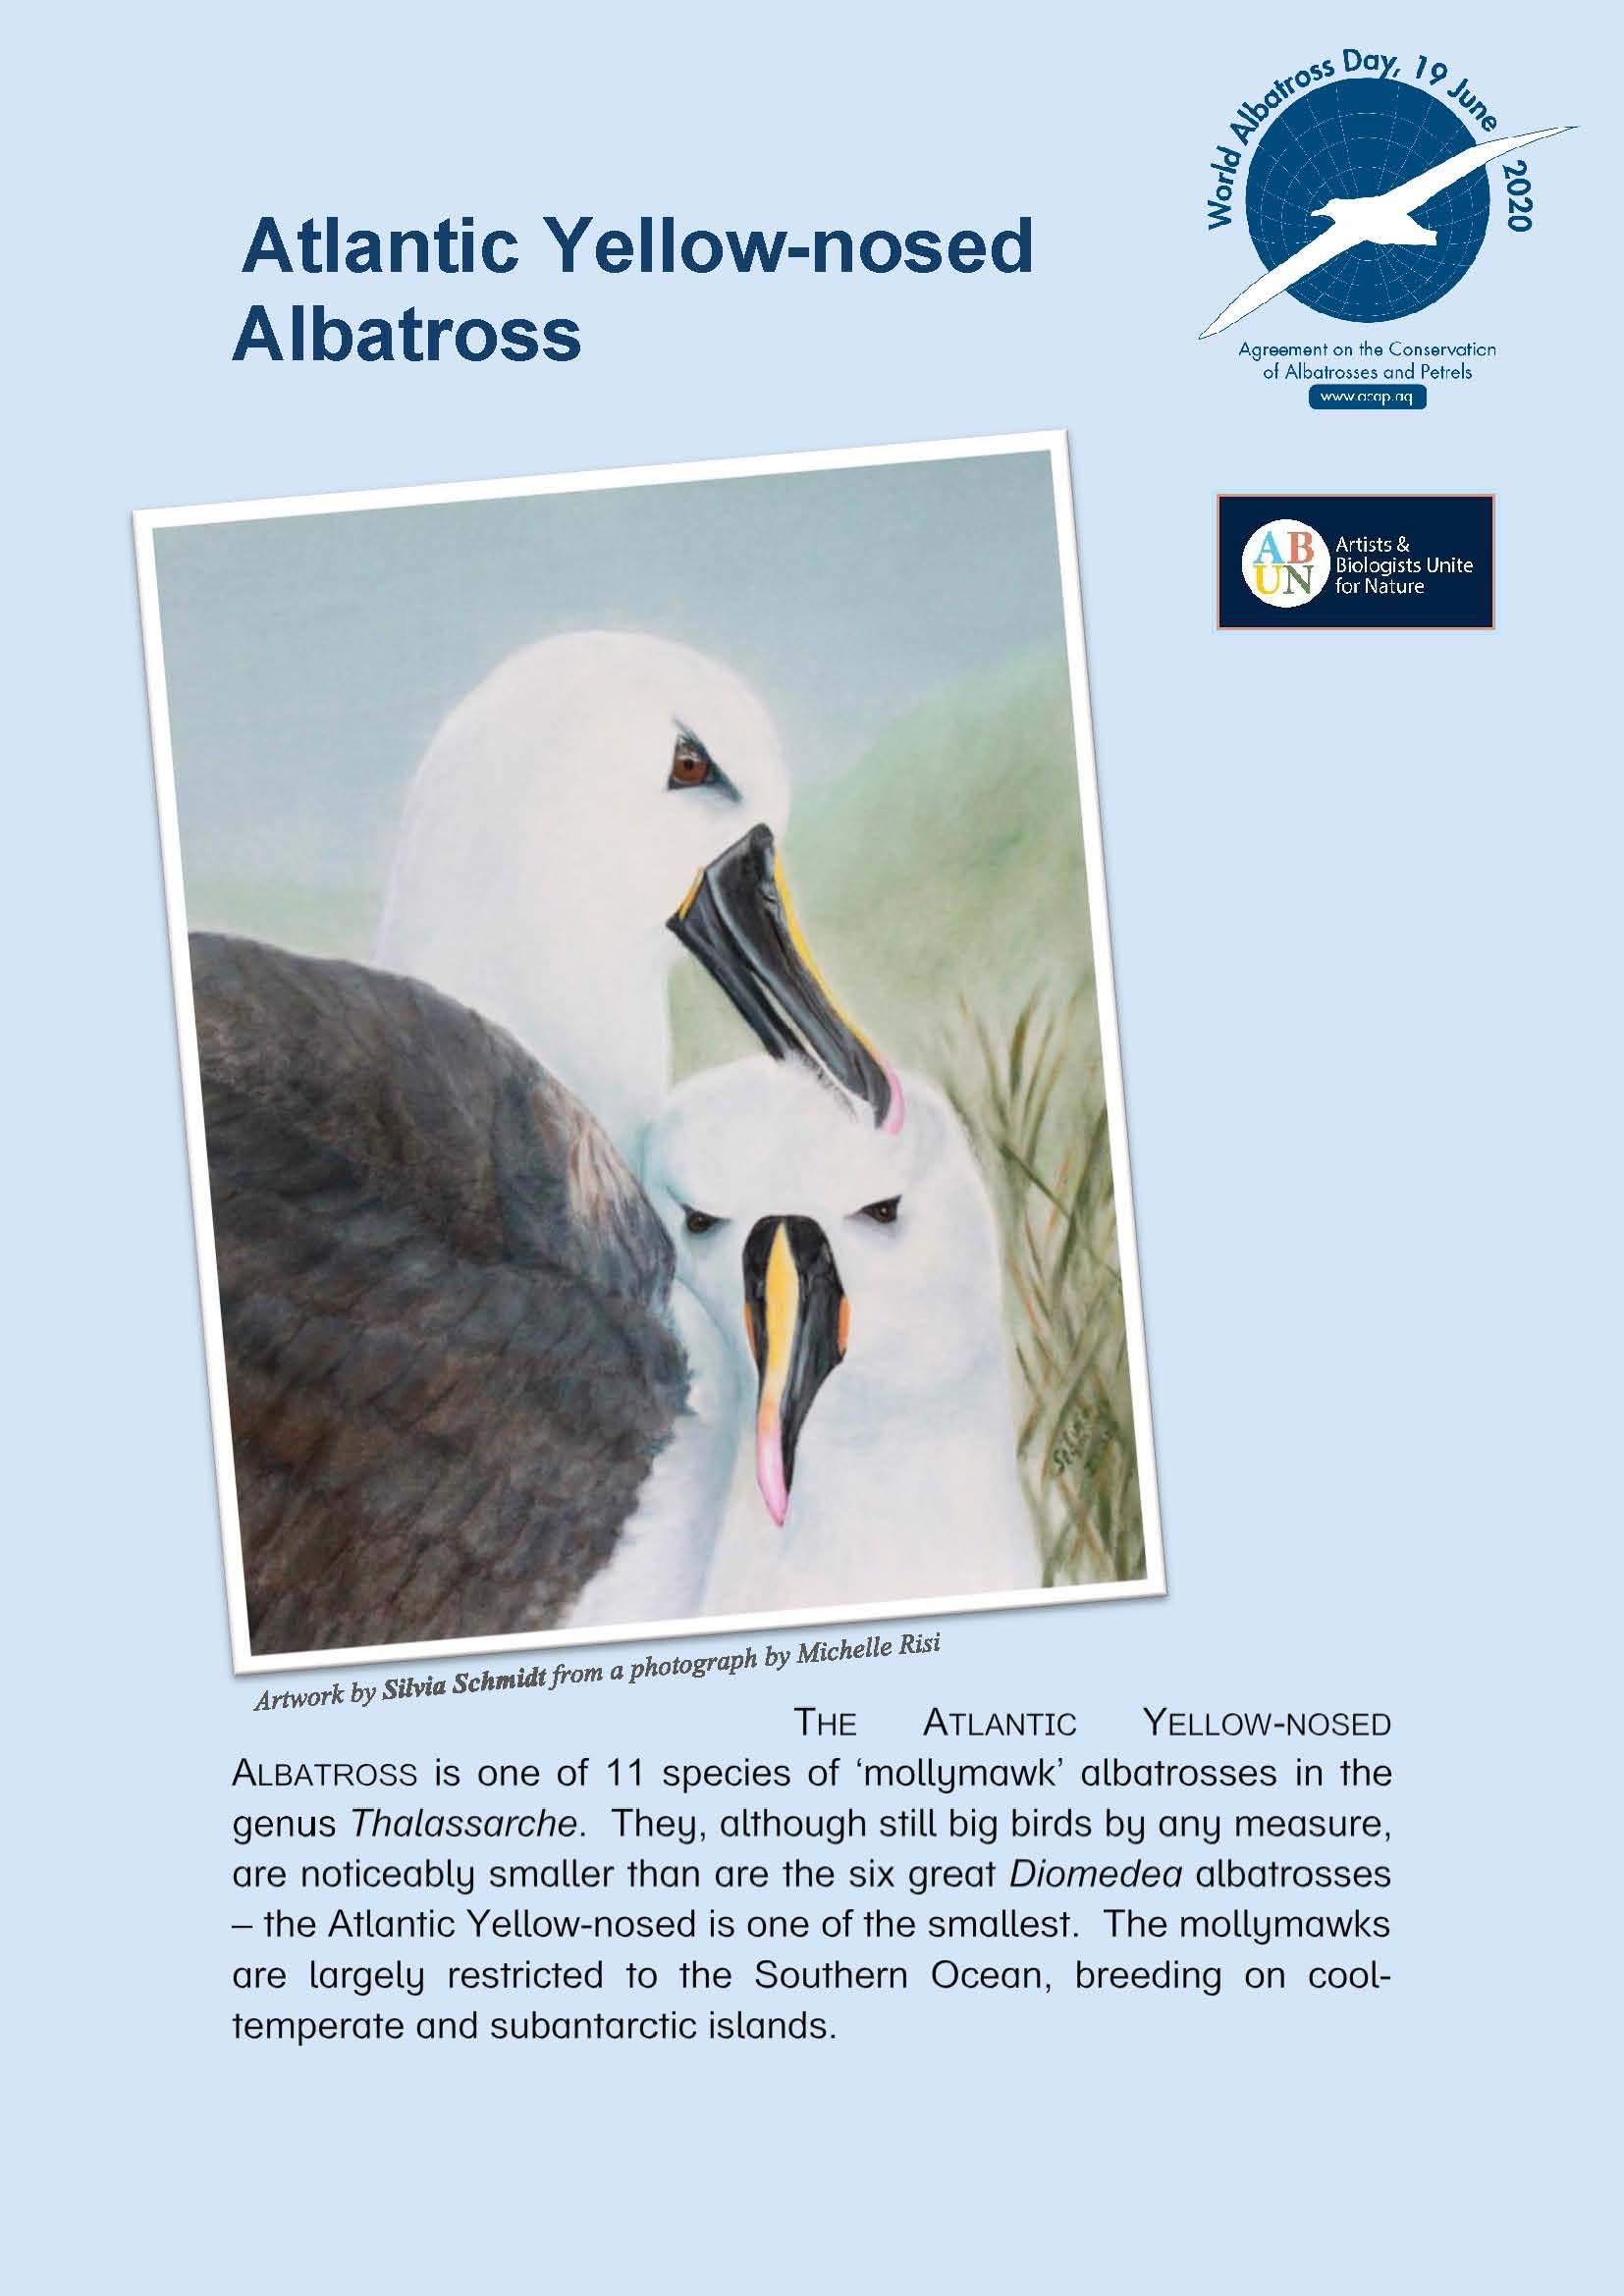 Albatros de pico fino del Atlántico